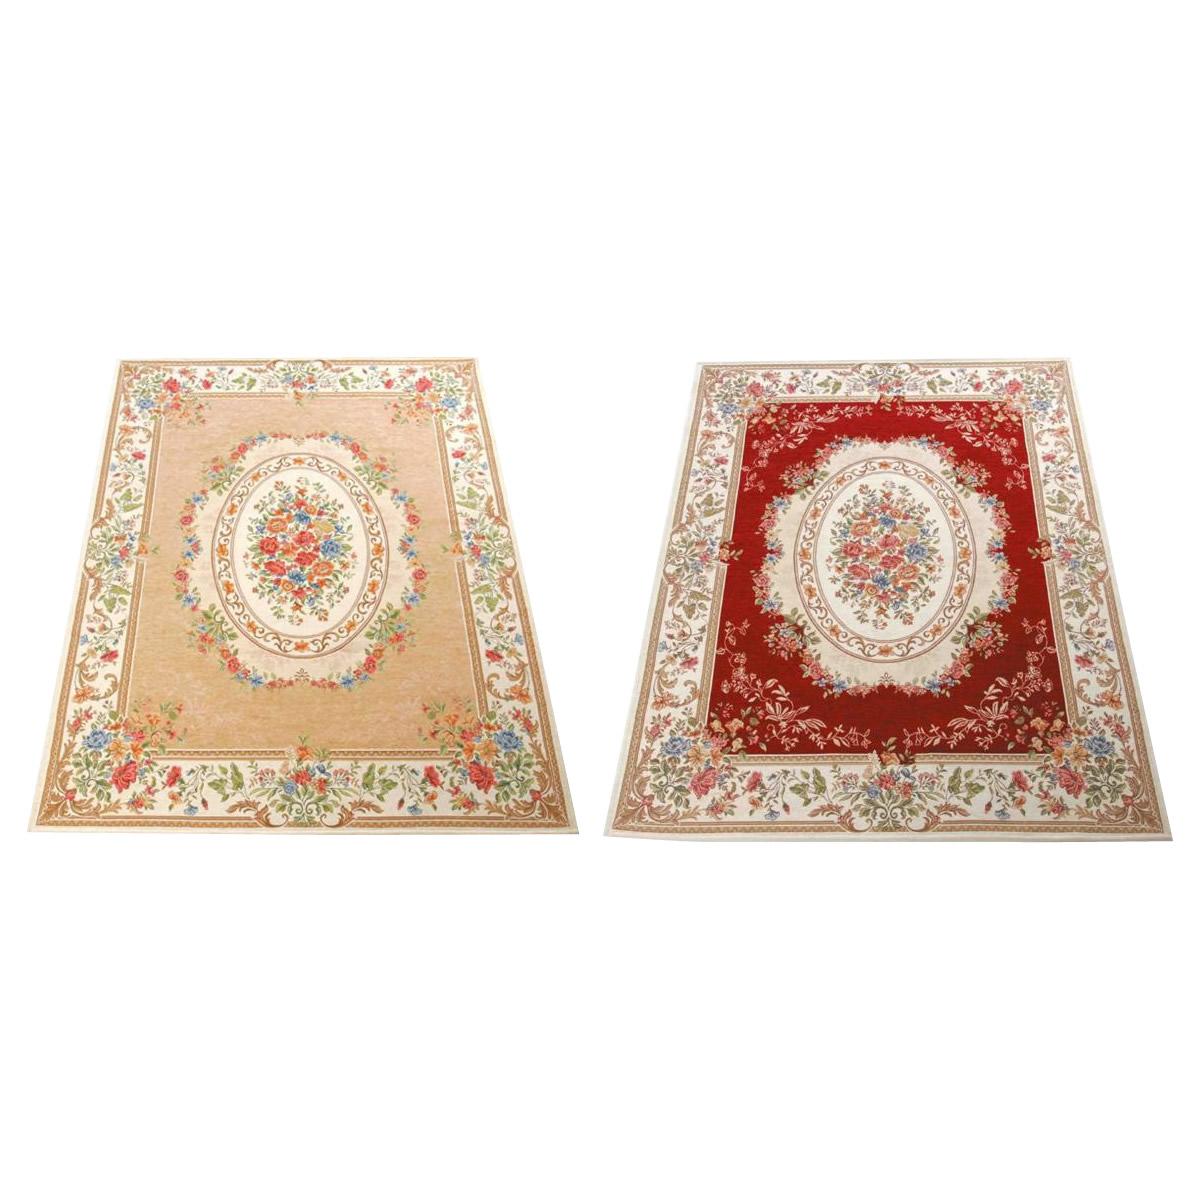 便利雑貨 ゴブラン織 シェニールカーペット 6畳用(約240×330cm) ベージュ・YAN13833BE